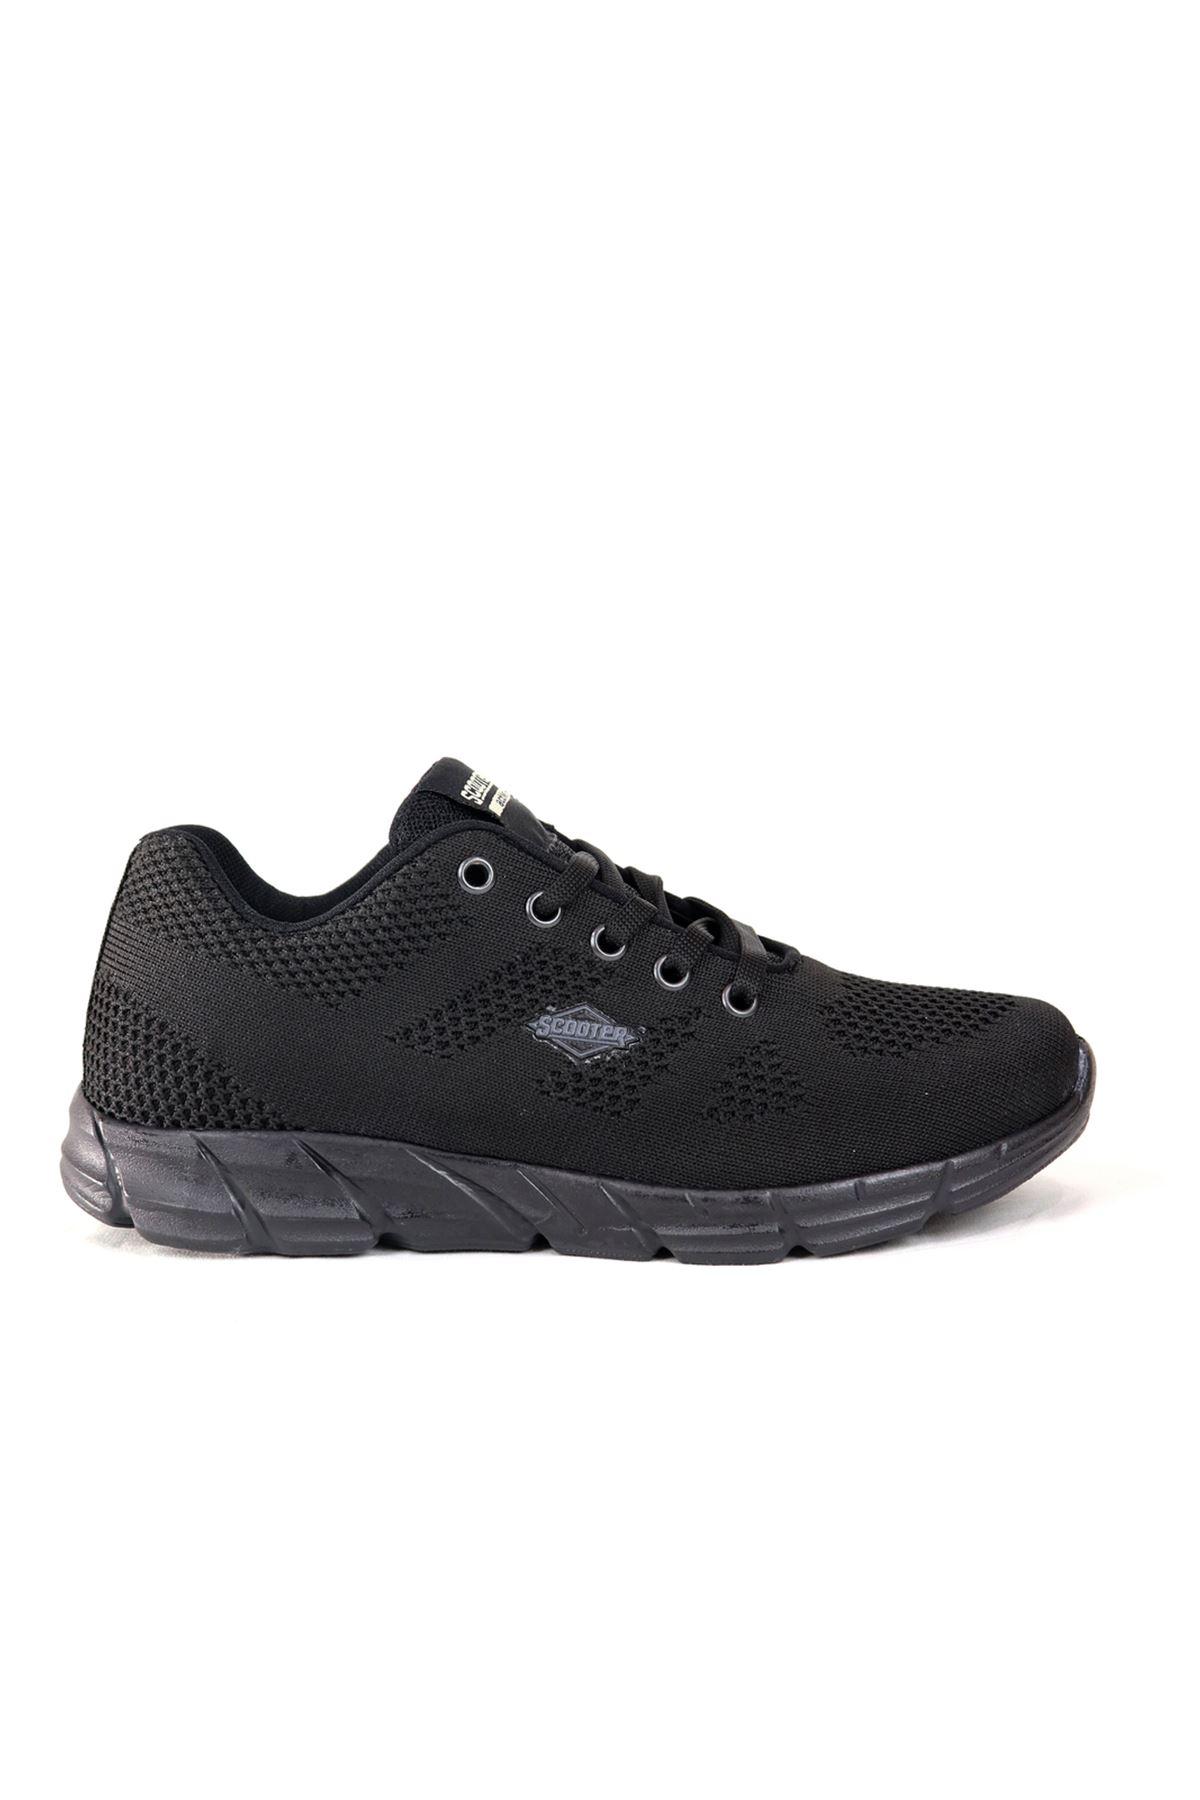 SCOOTER - Genlight- Siyah Kadın Spor Ayakkabısı